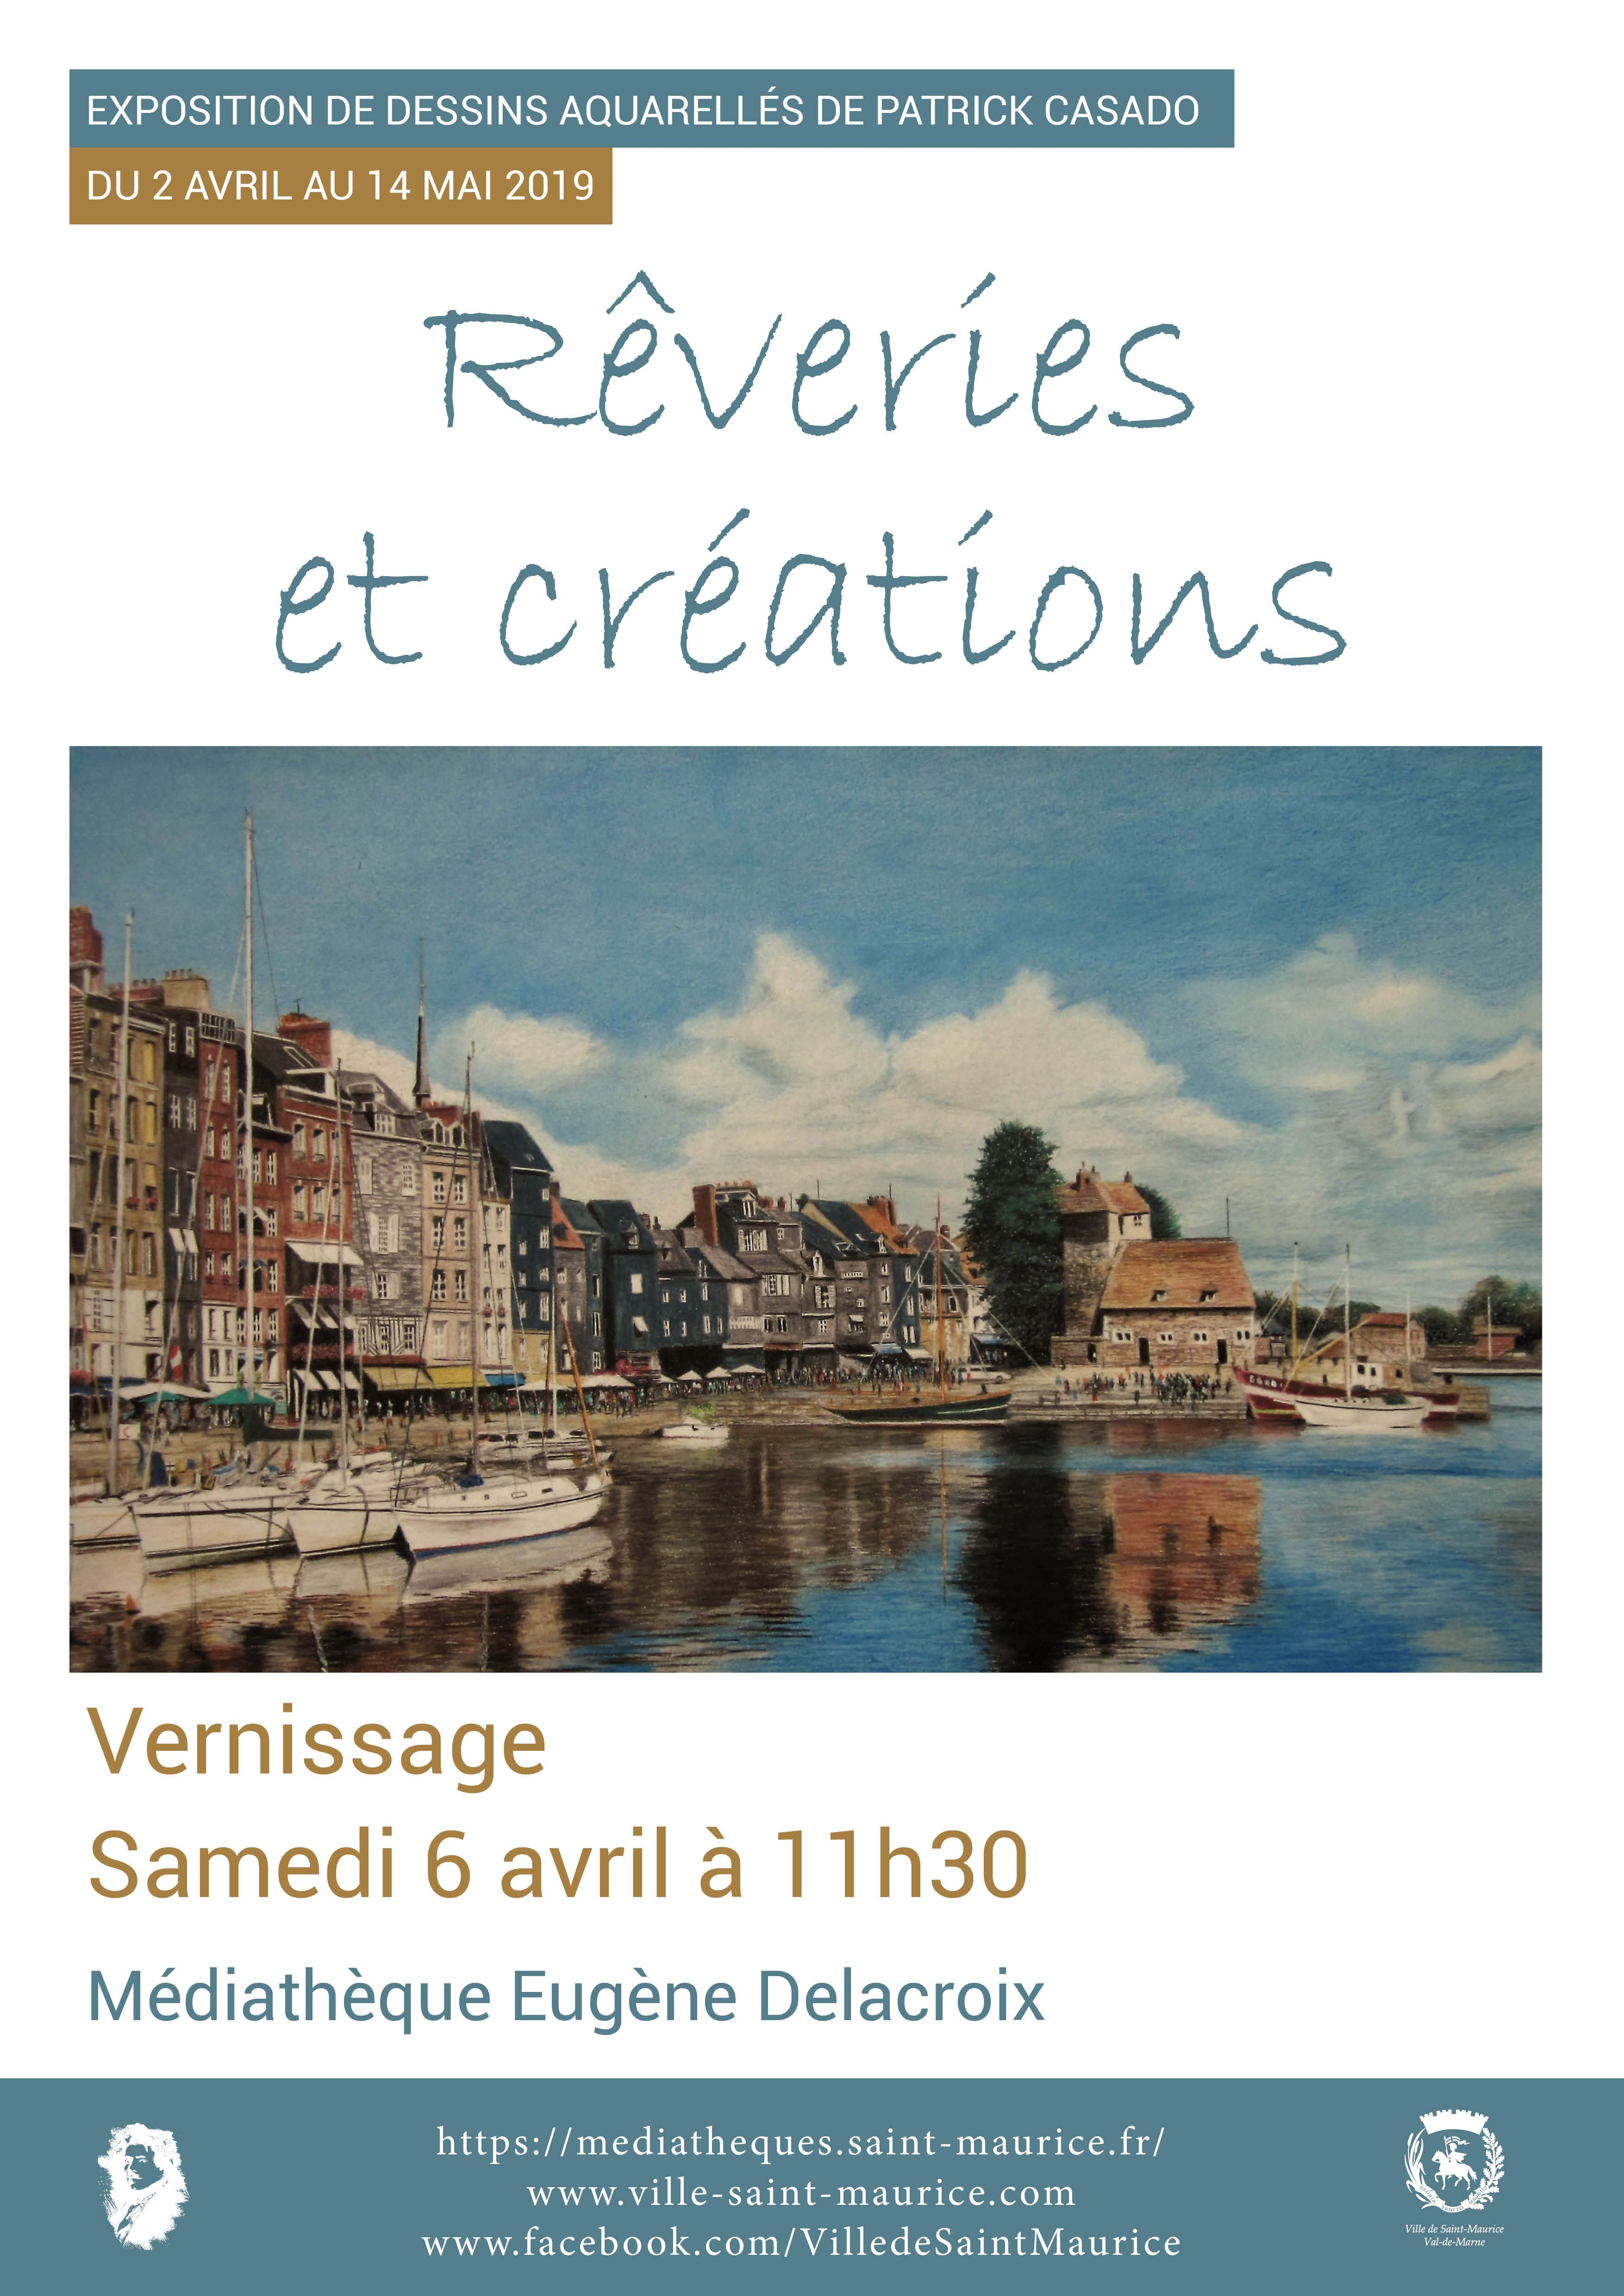 Vernissage Le Samedi 6 Avril A 11h30 Exposition Du 2 Avril Au 14